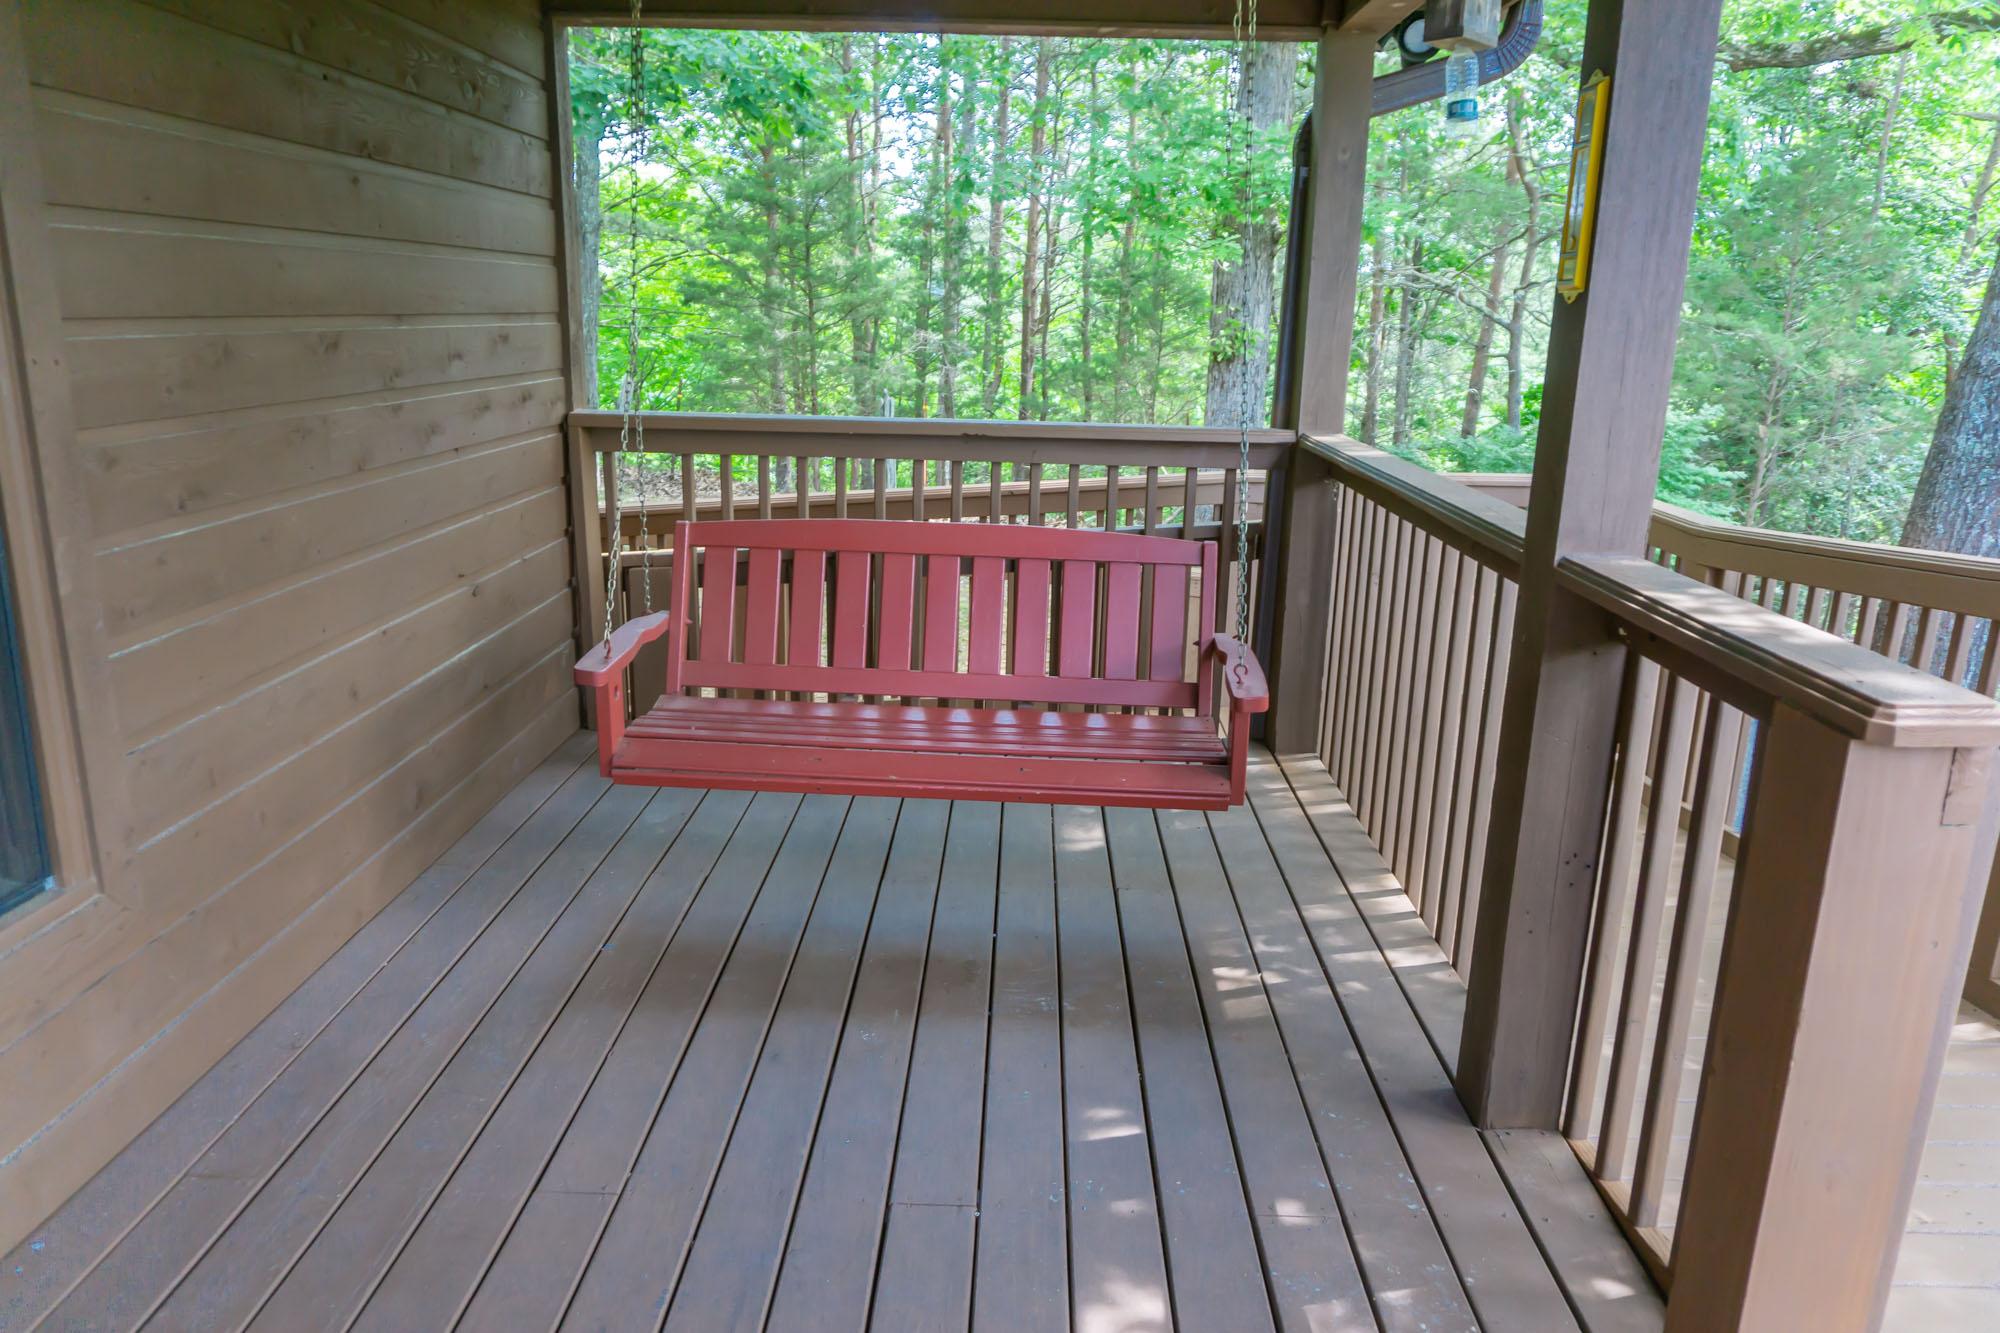 Smoky-Mountain-Splendor-front-porch-swing